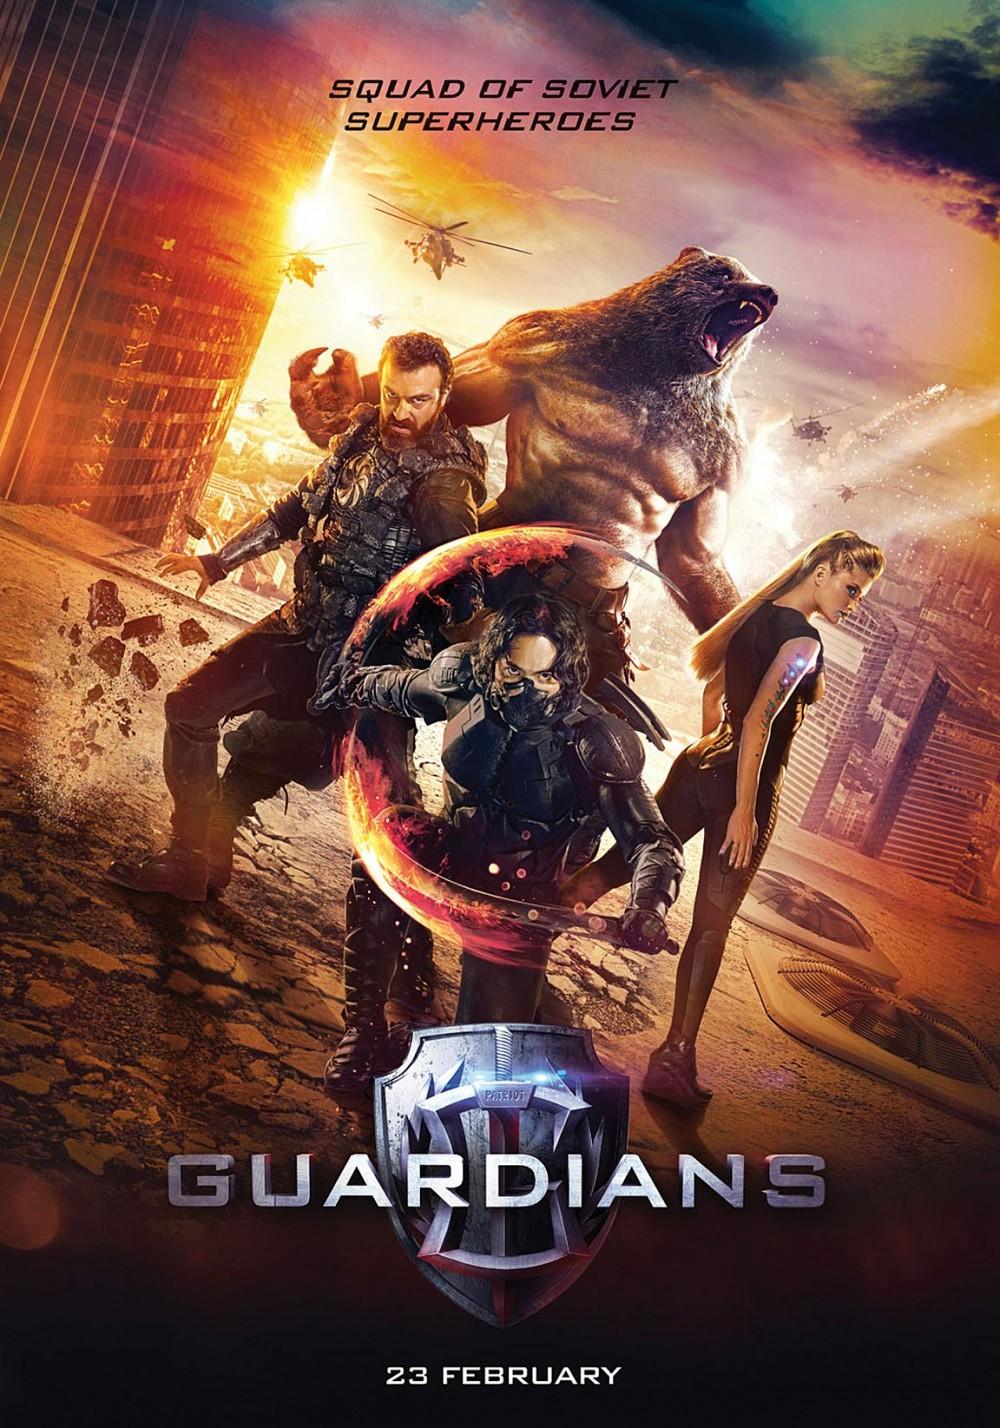 Đánh giá phim: Guardians (2017) - Phim siêu anh hùng Nga